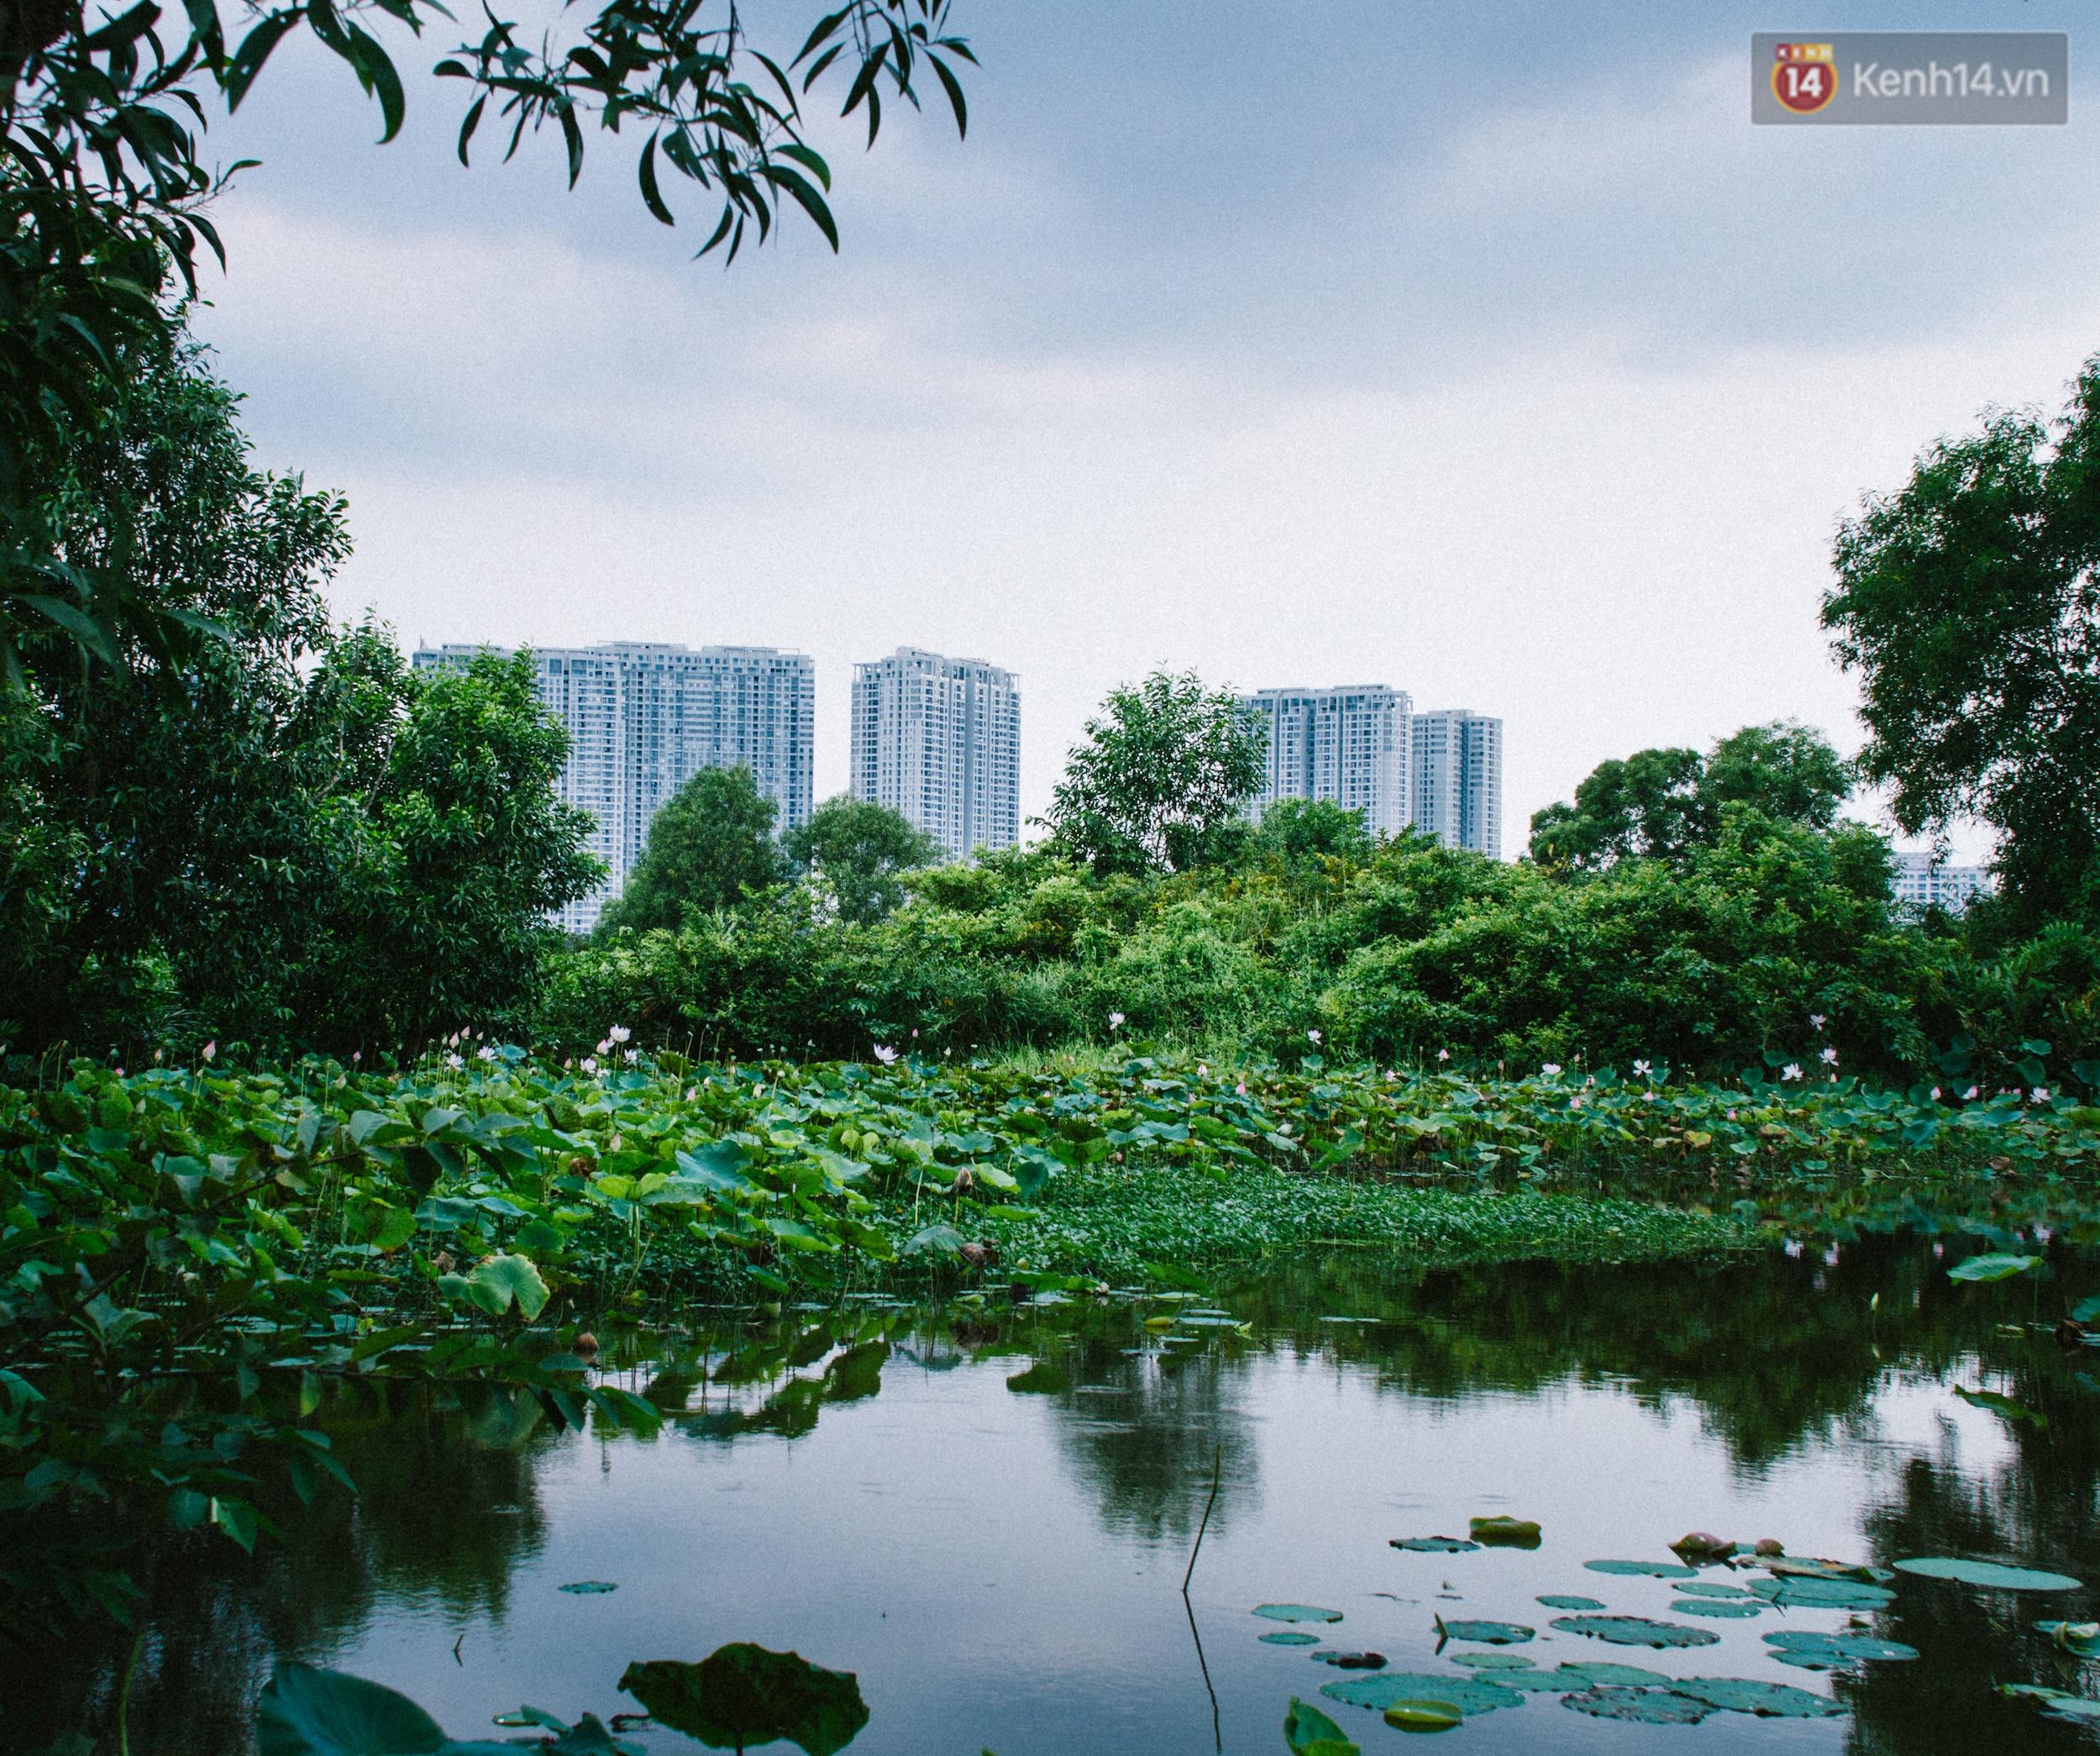 Chùm ảnh: Cuộc sống ở bán đảo Thanh Đa - Một miền nông thôn tách biệt dù chỉ cách trung tâm Sài Gòn vài km - Ảnh 6.